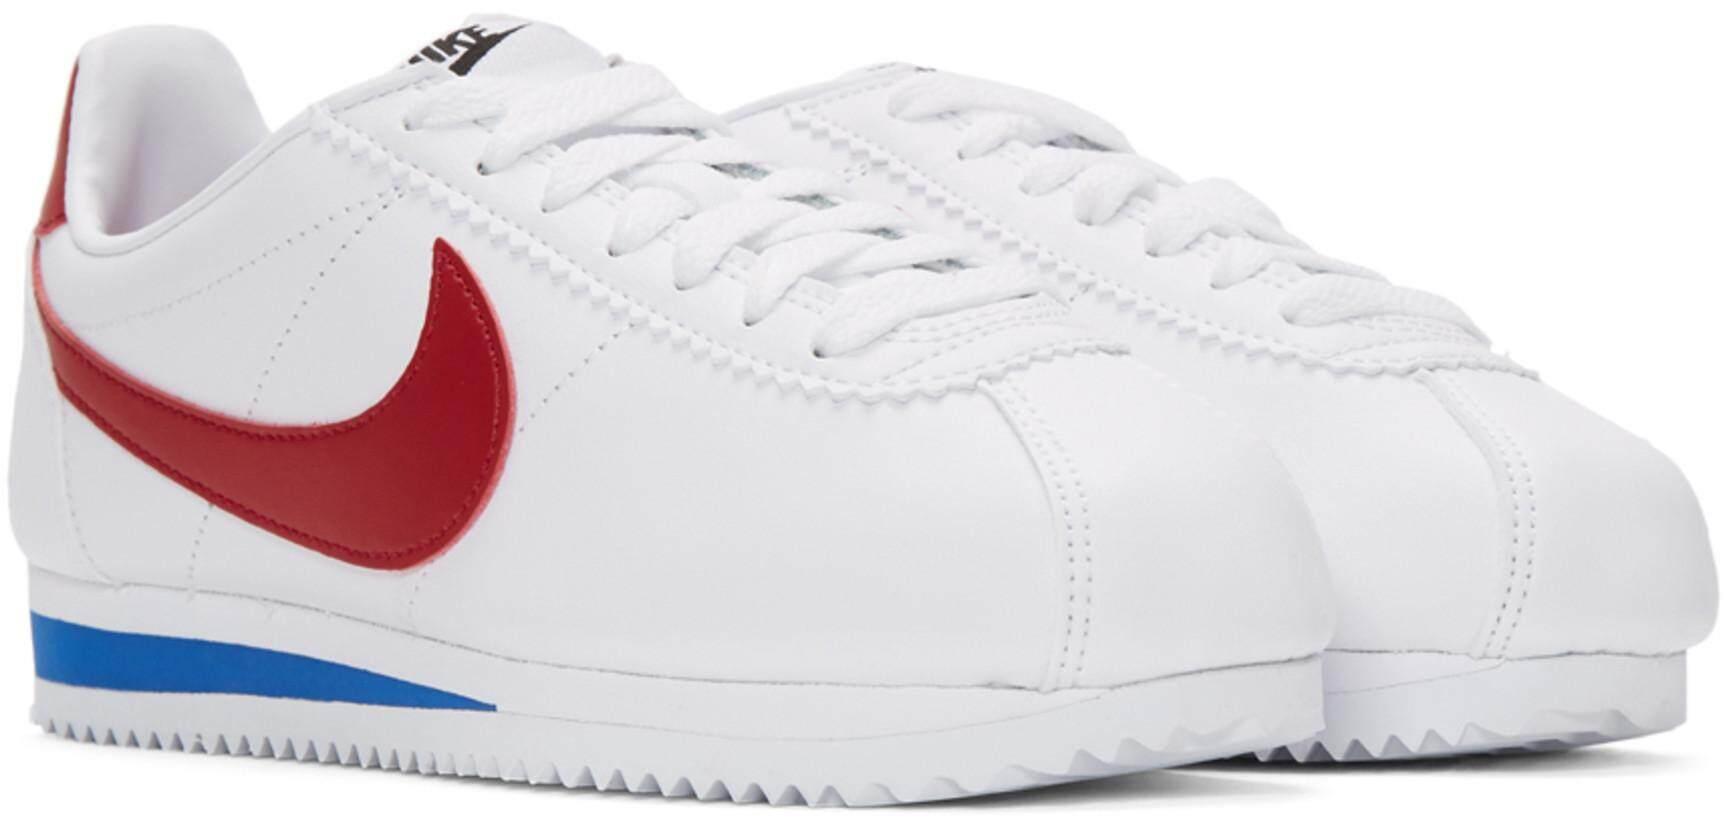 ยี่ห้อไหนดี  ภูเก็ต Nike White Leather Classic Cortez Sneakers  ของเเท้